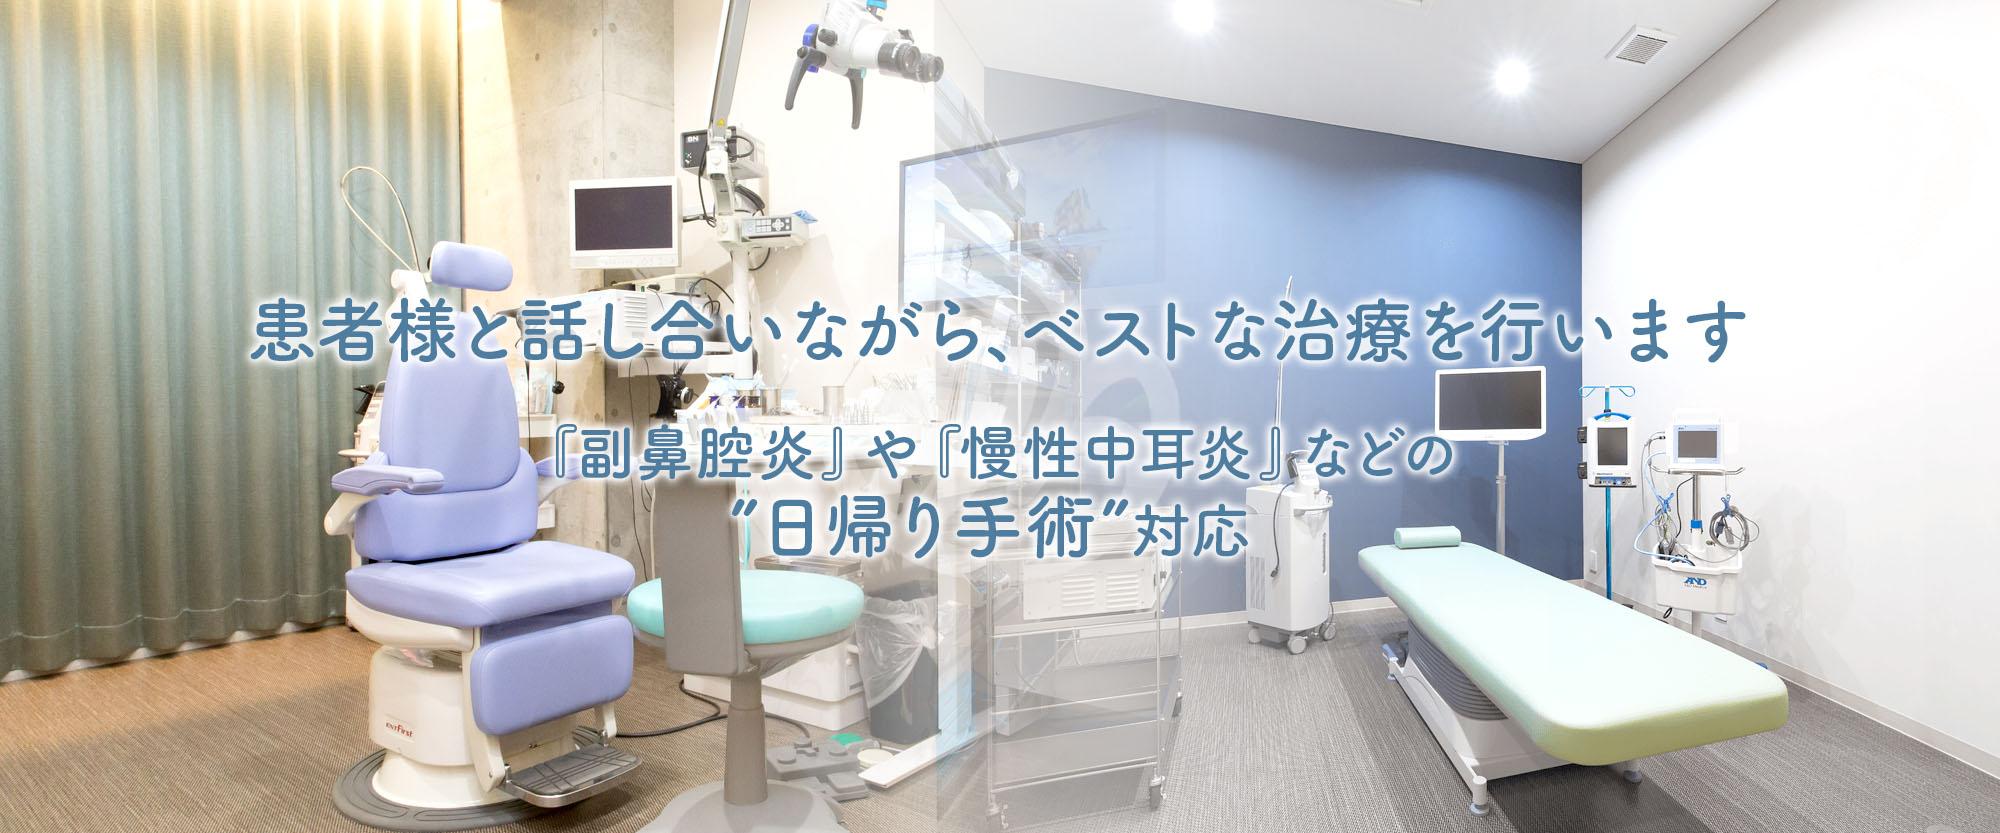 患者様と話し合いながら、ベストな治療を行います